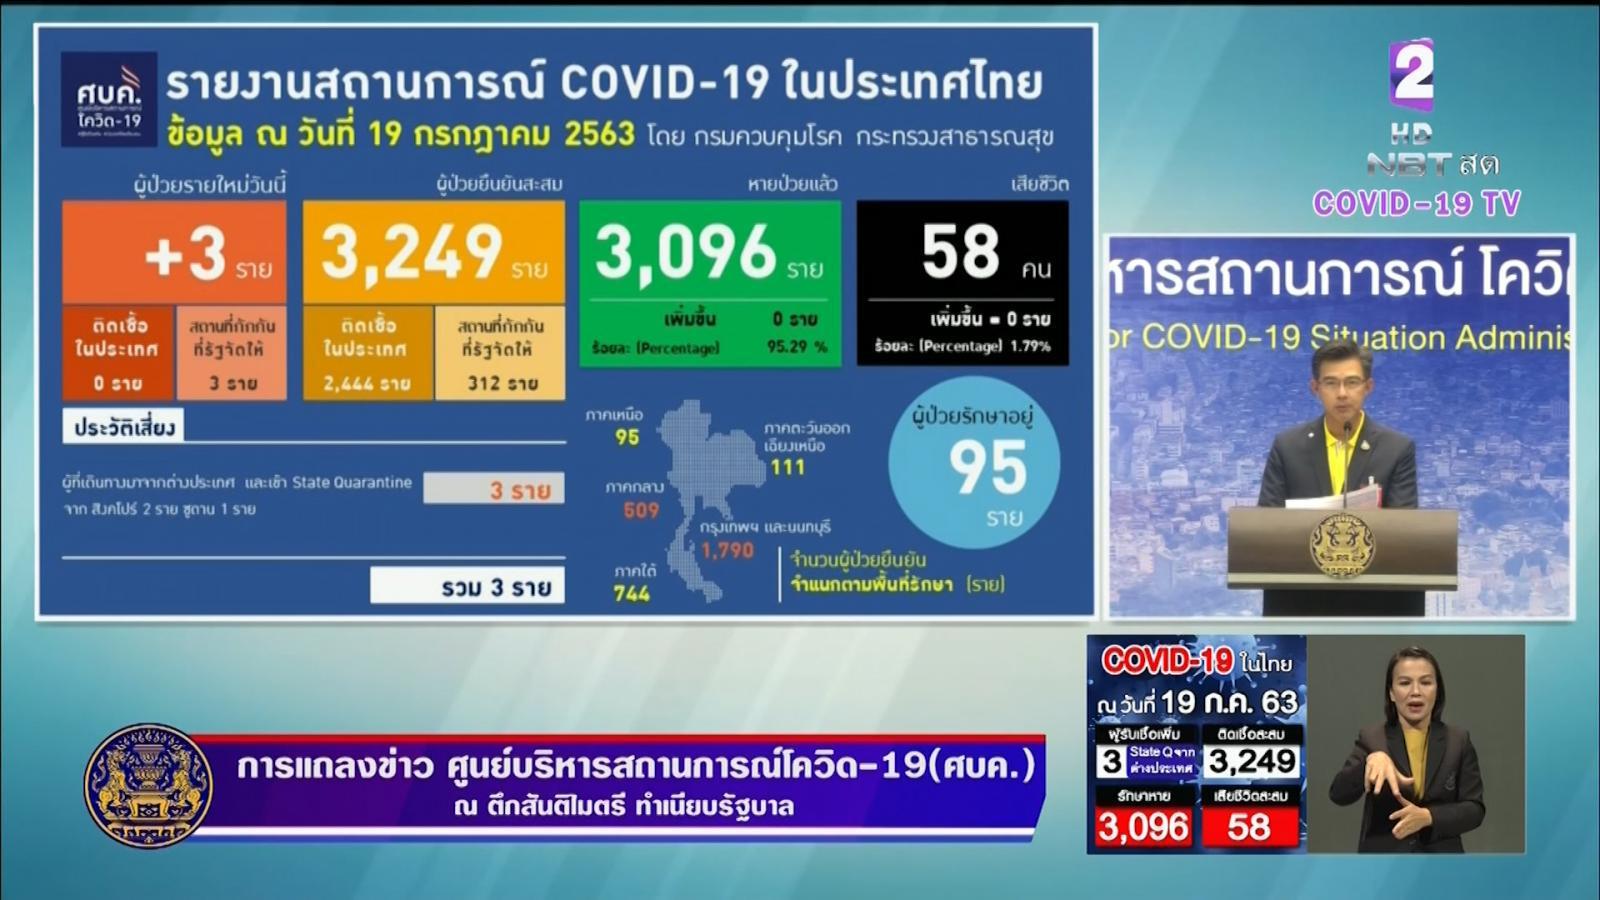 ติดเชื้อโควิด-19 เพิ่มวันนี้ 3 ราย กลับจาก 'สิงคโปร์ - ซูดาน' ทั่วโลกดับแล้ว 6 แสน